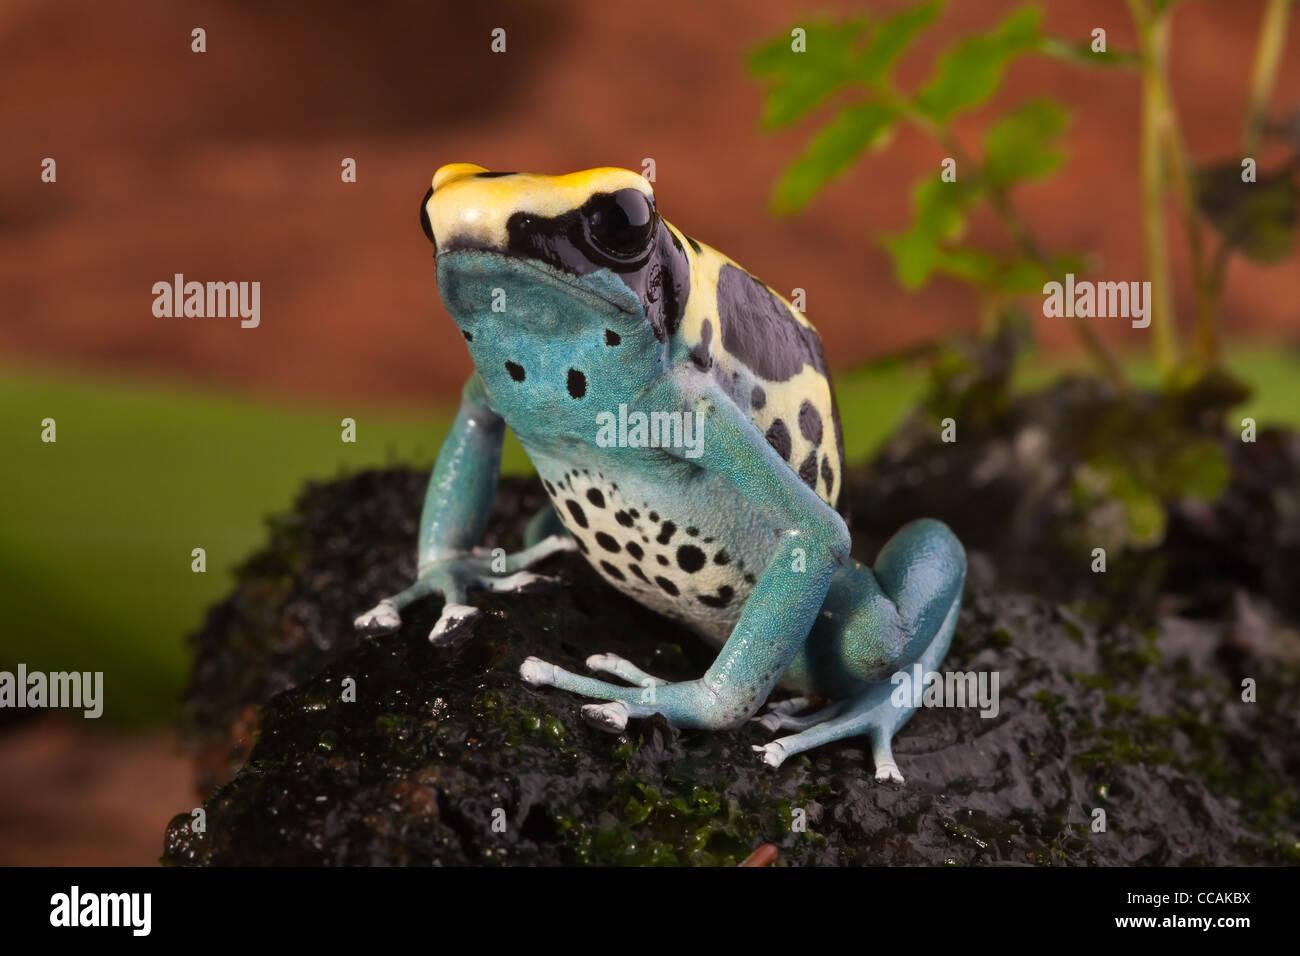 poison dart frog, Dendrobates tinctorius, Suriname - Stock Image